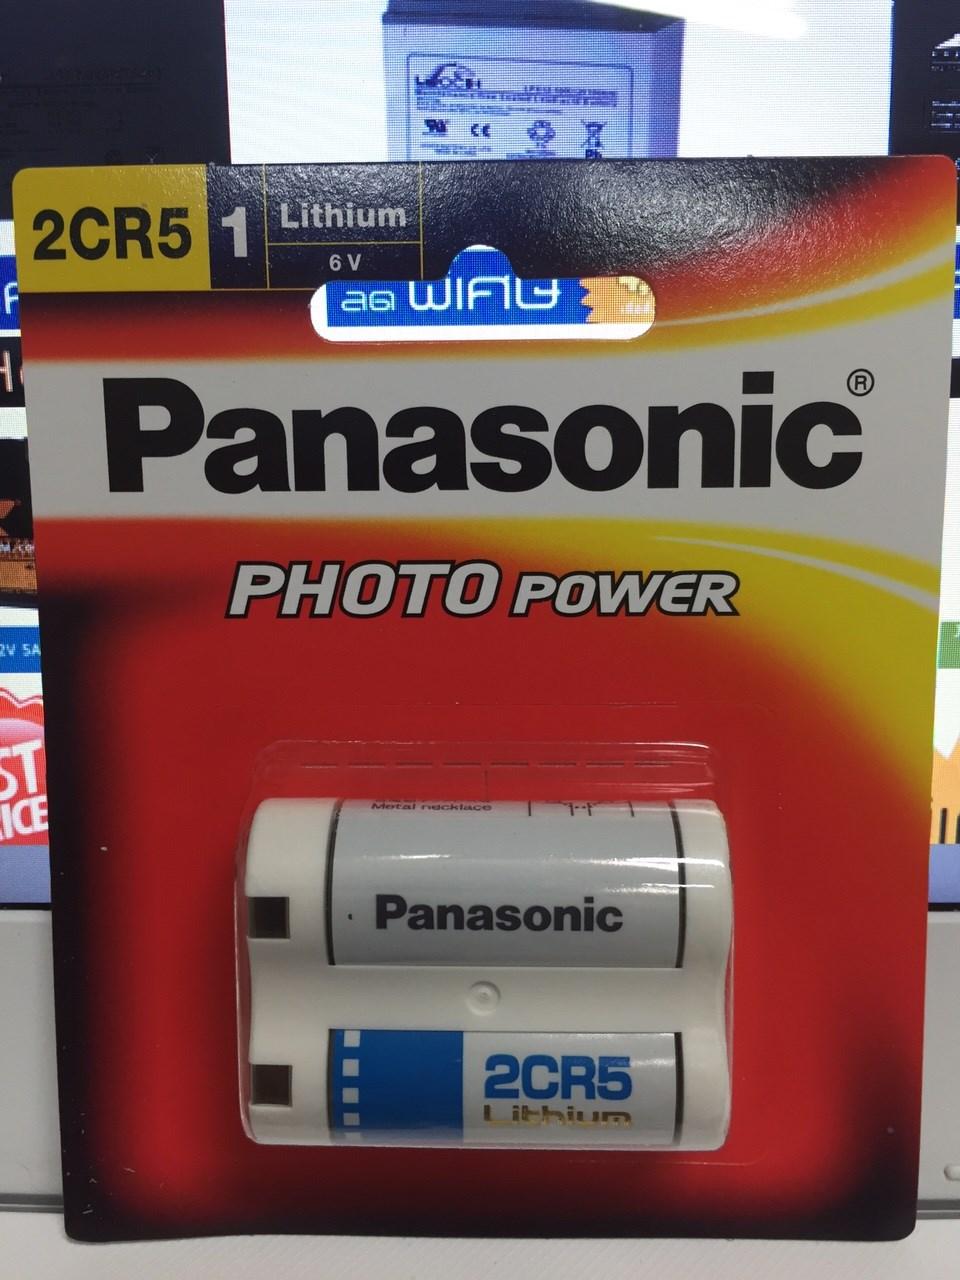 แบตเตอรี่ลิเธียม 2CR5 6V ถ่านกล้อง ถ่ายรูป Cylindrical type lithium batteries